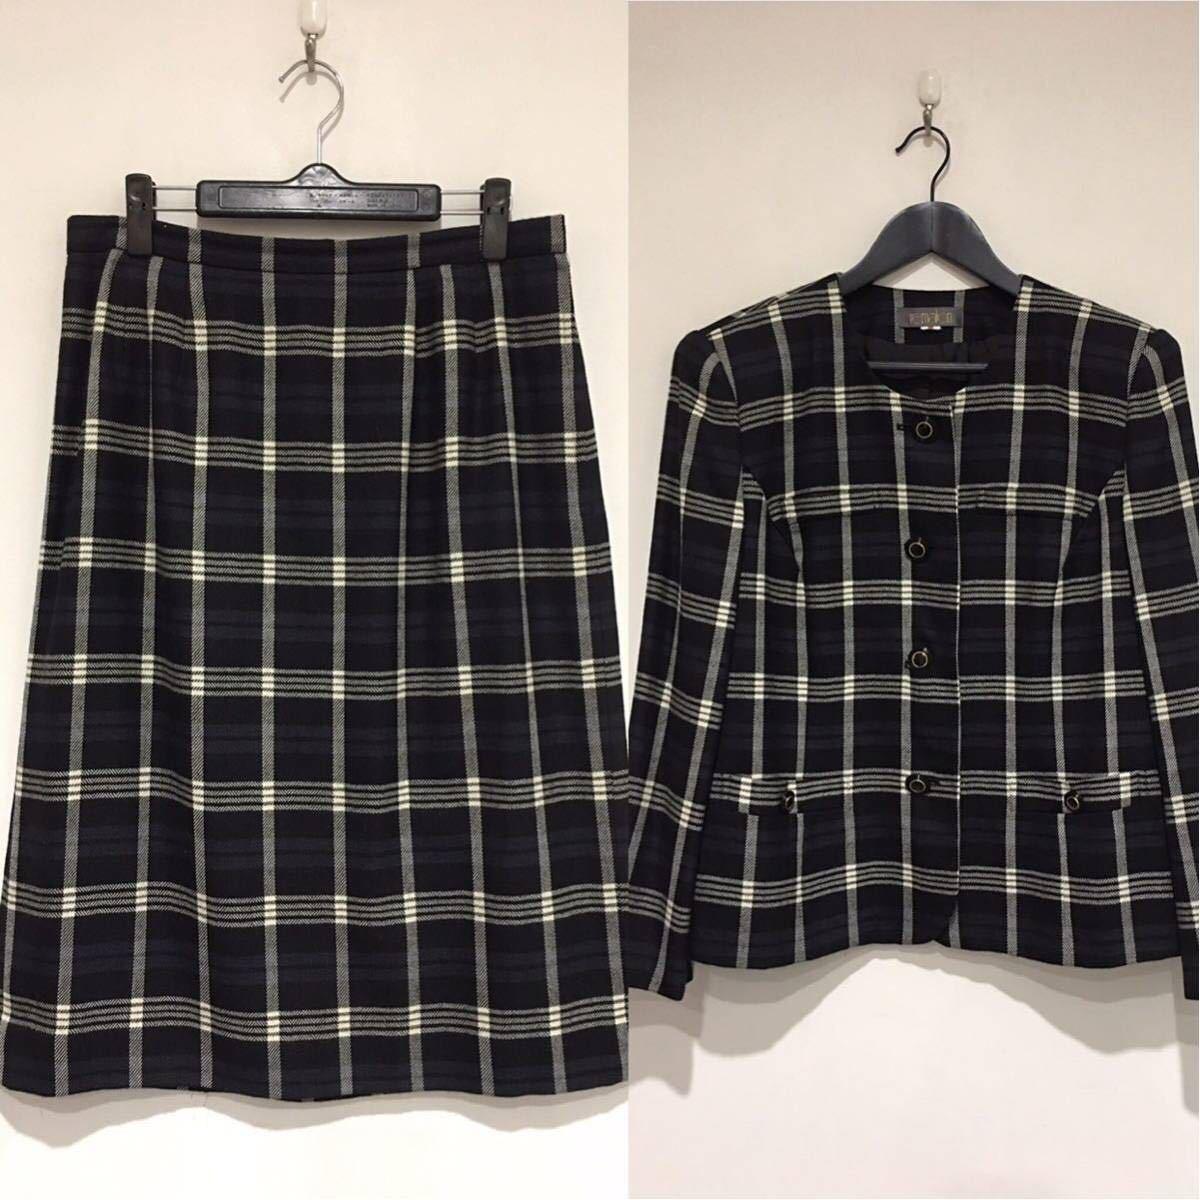 ★美品 REMALON レマロン ミセス・婦人 ノーカラージャケット タイトスカート 日本製 大きいサイズ セットアップスーツ 毛100% _画像2